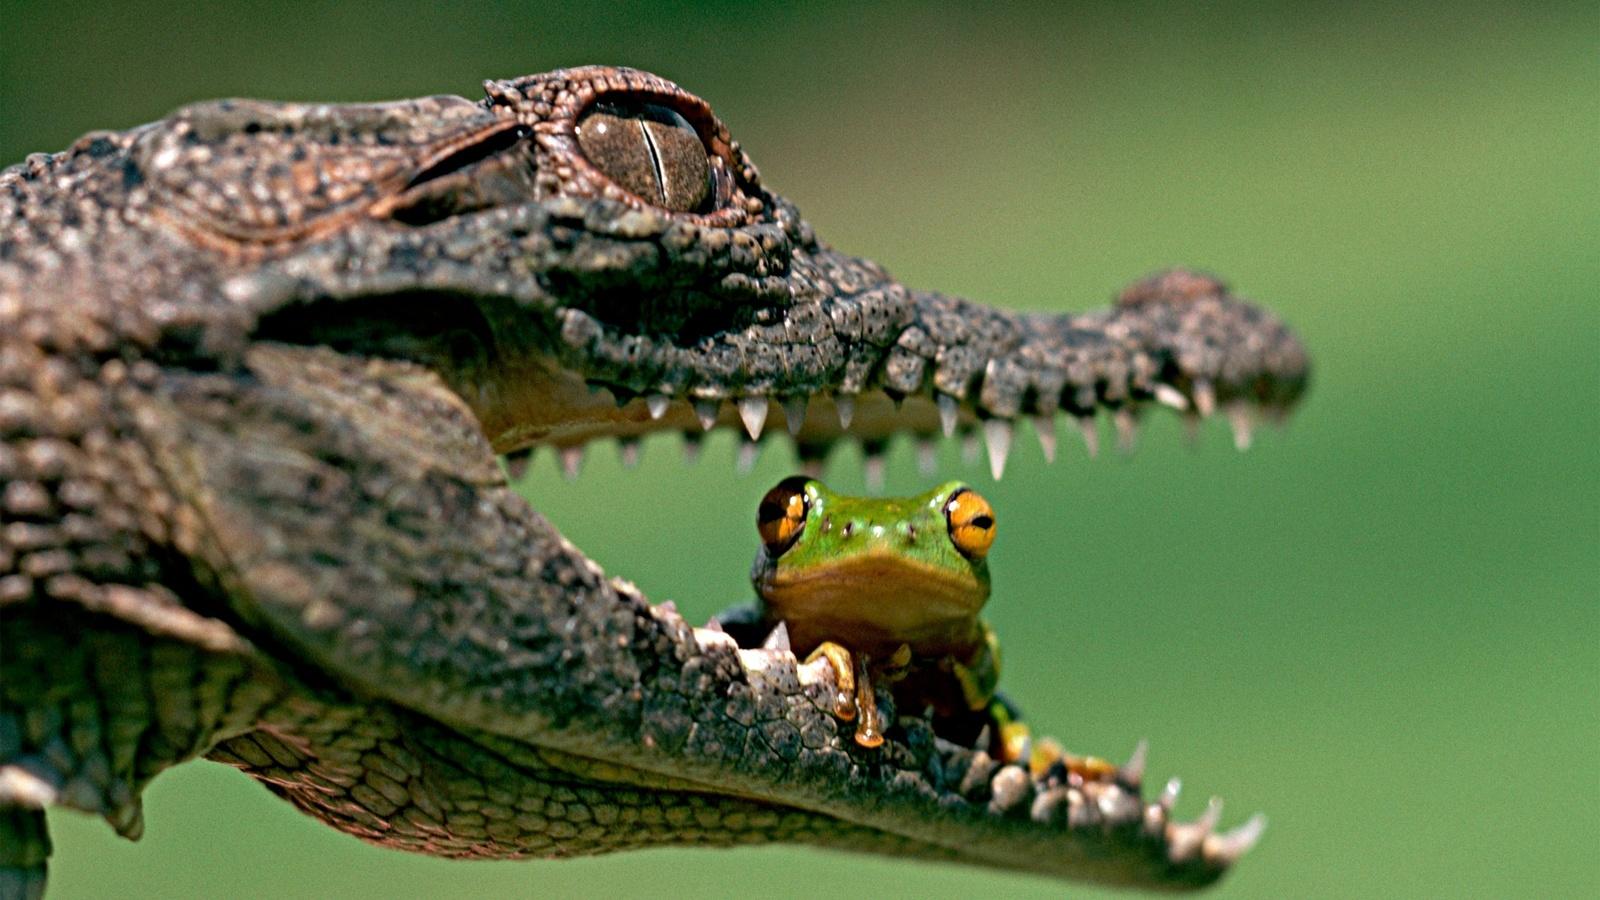 Днем, прикольная картинка крокодил